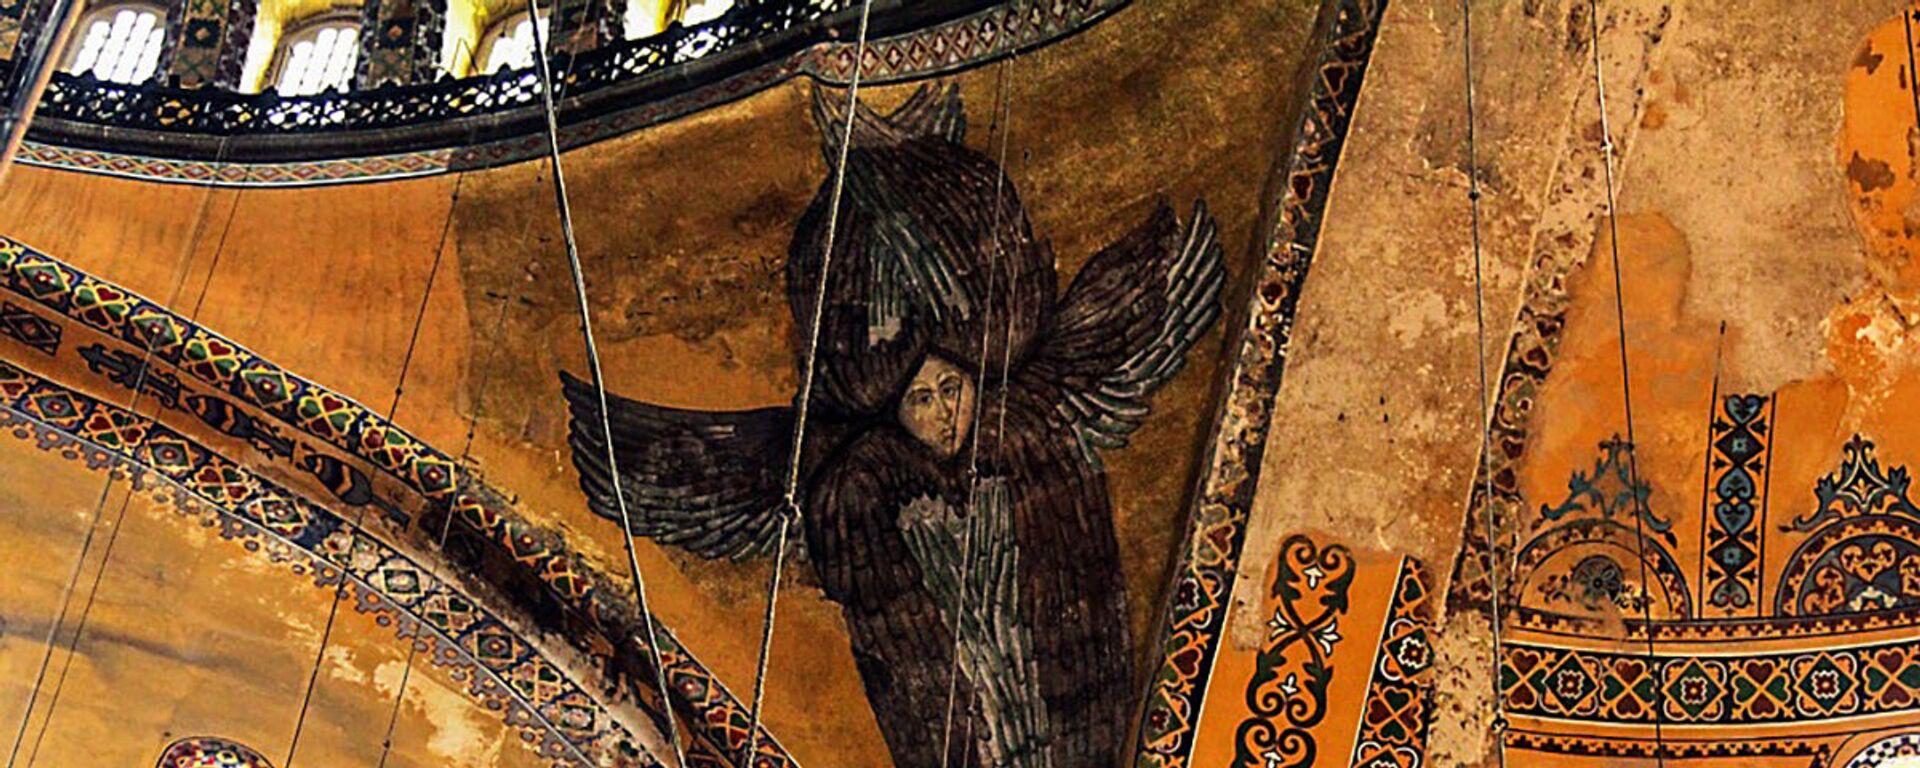 Mozaiki w Hagii Sophii w Stambule. - Sputnik Polska, 1920, 27.08.2020